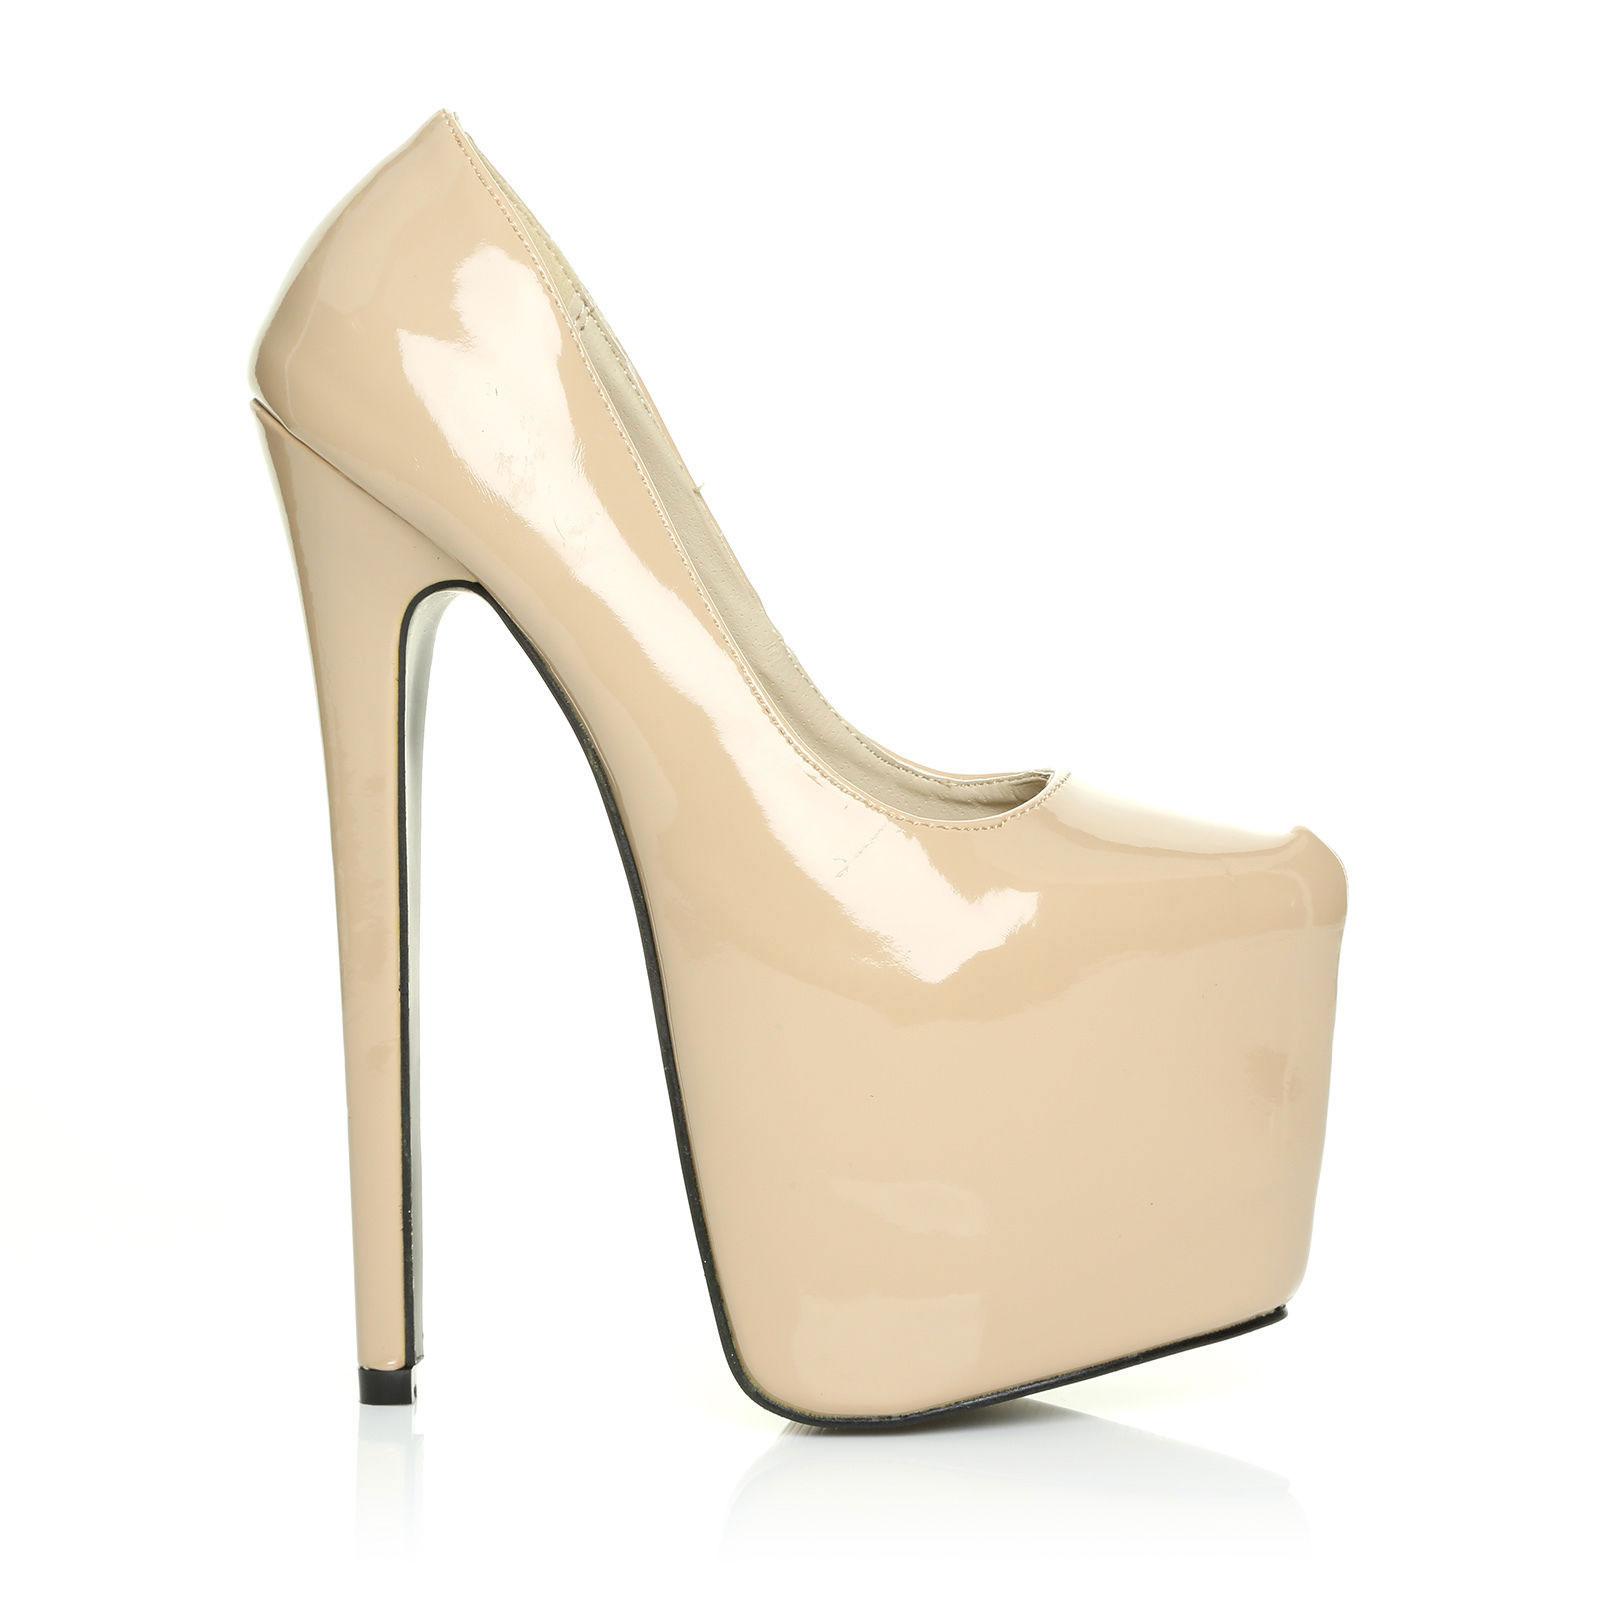 womens platform stiletto high heel pointed